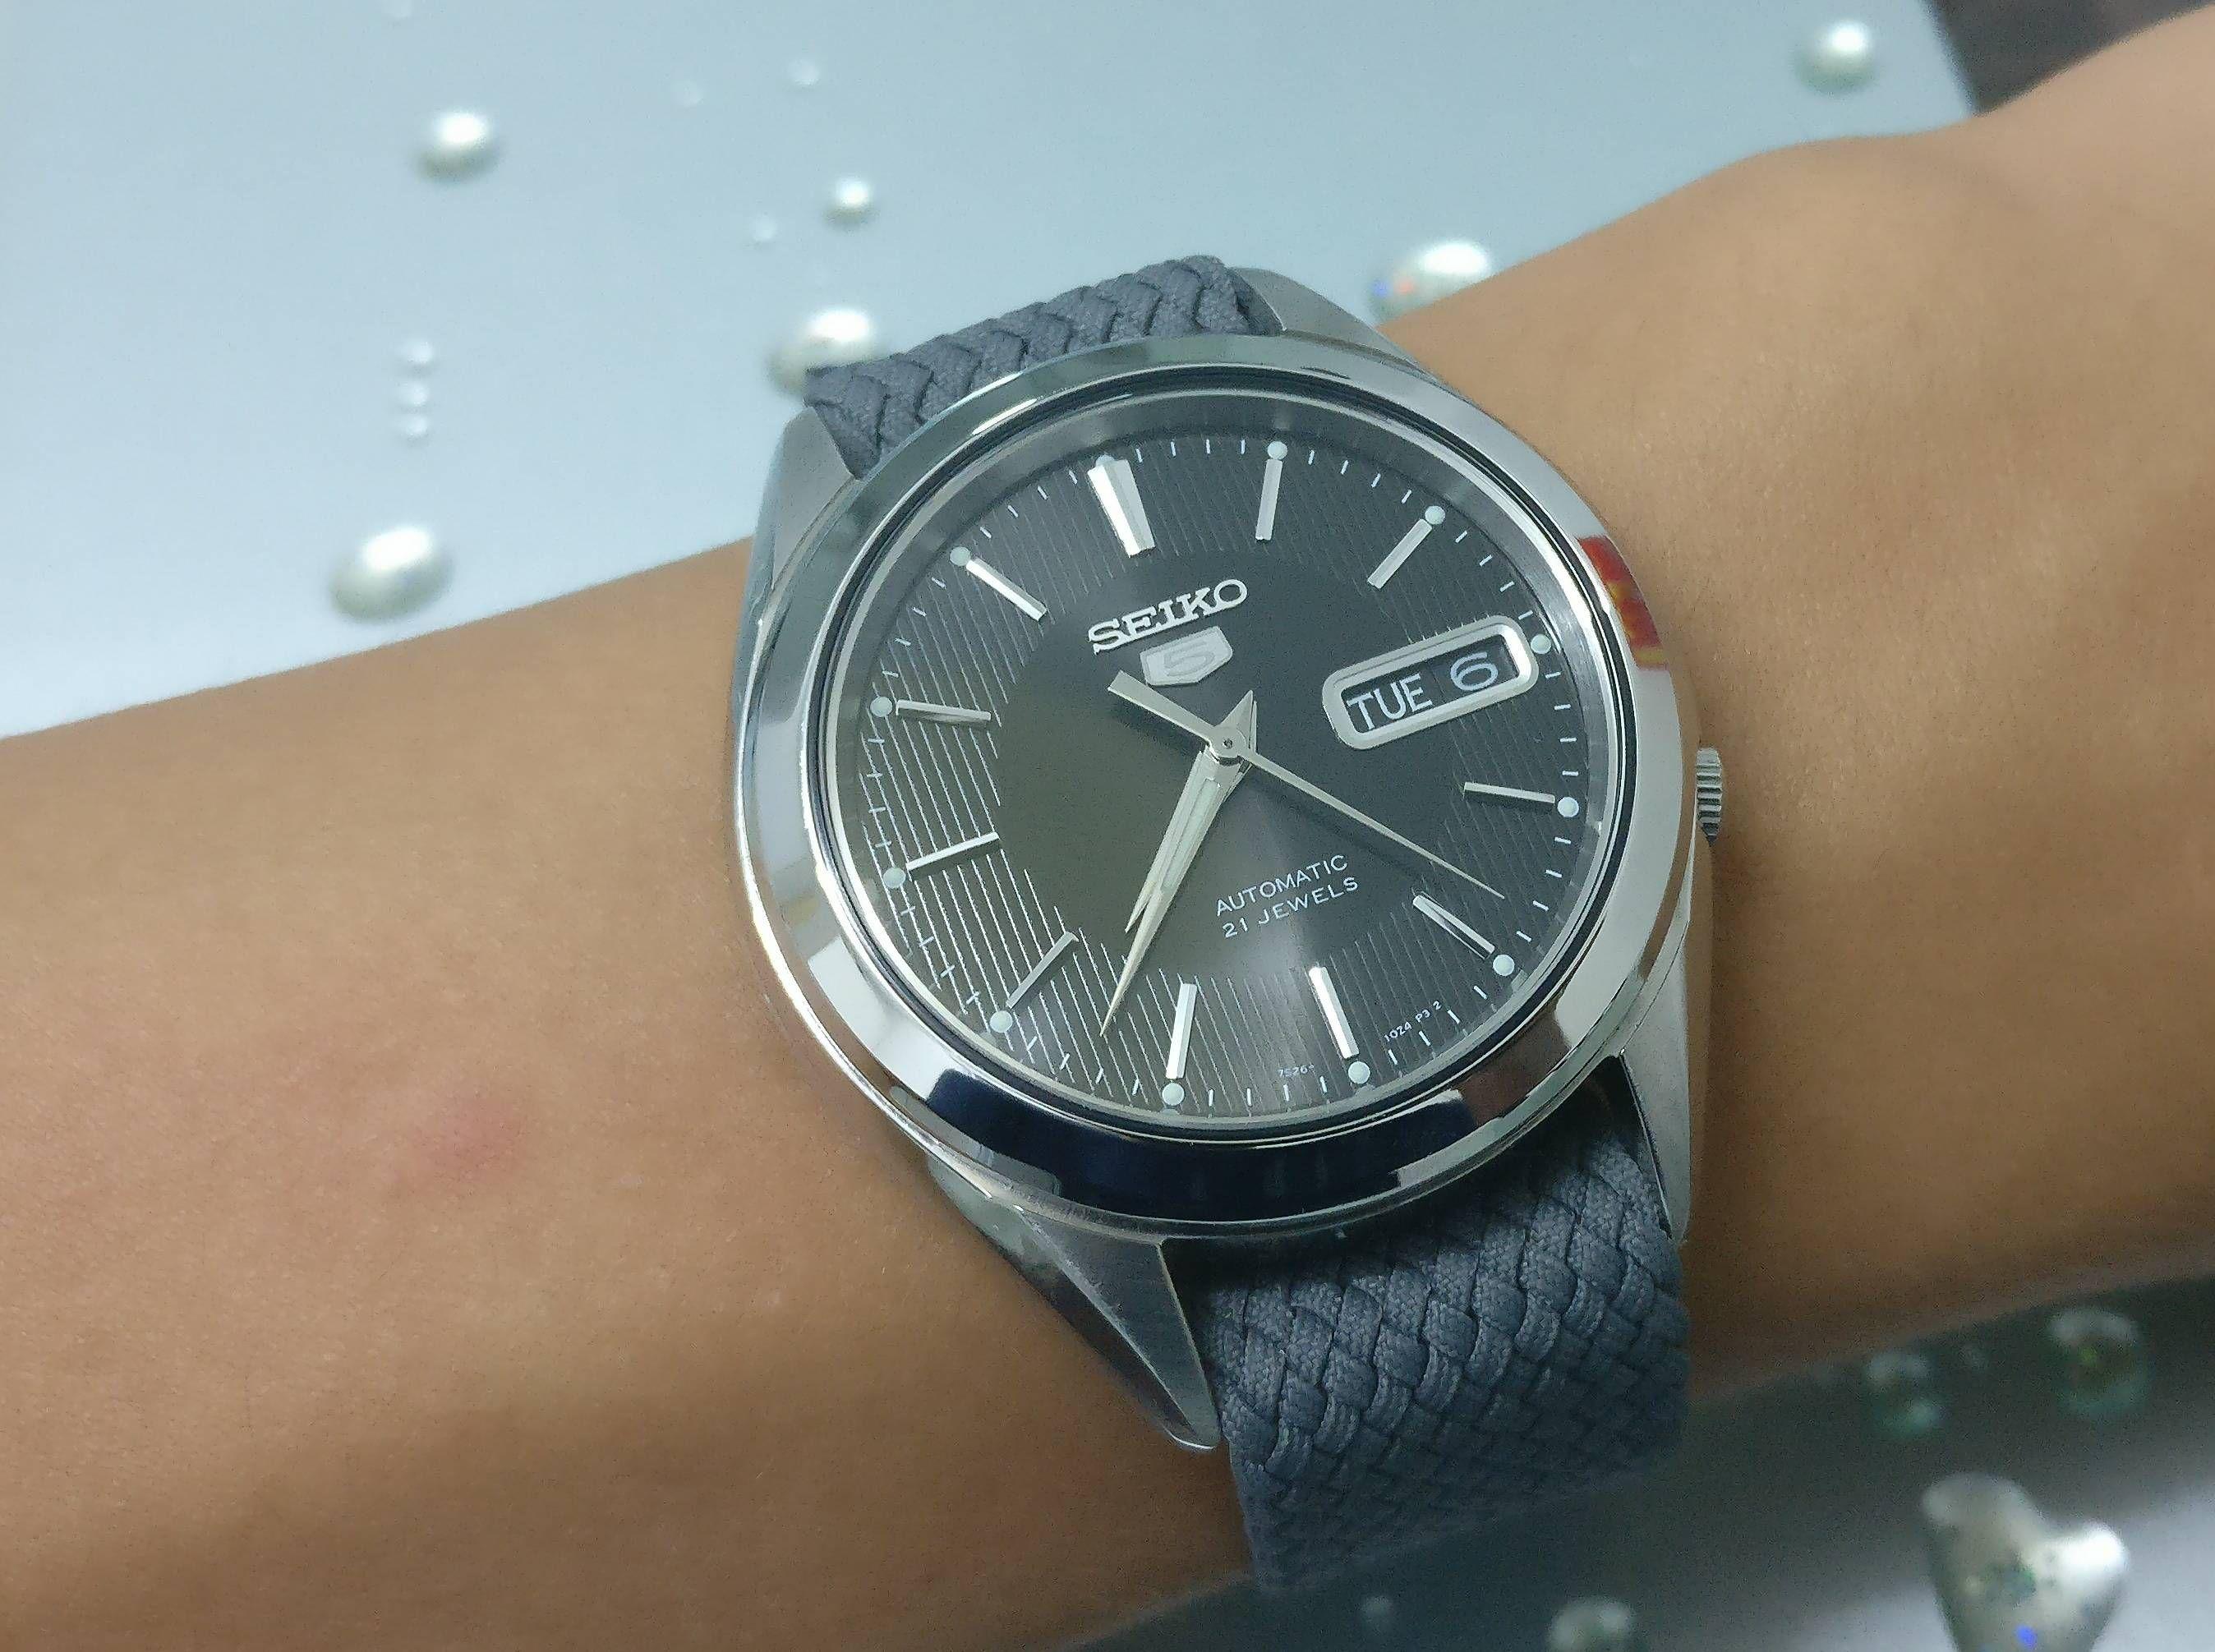 Seiko Snkl23 With A Grey Perlon Strap Watches Seiko Watches